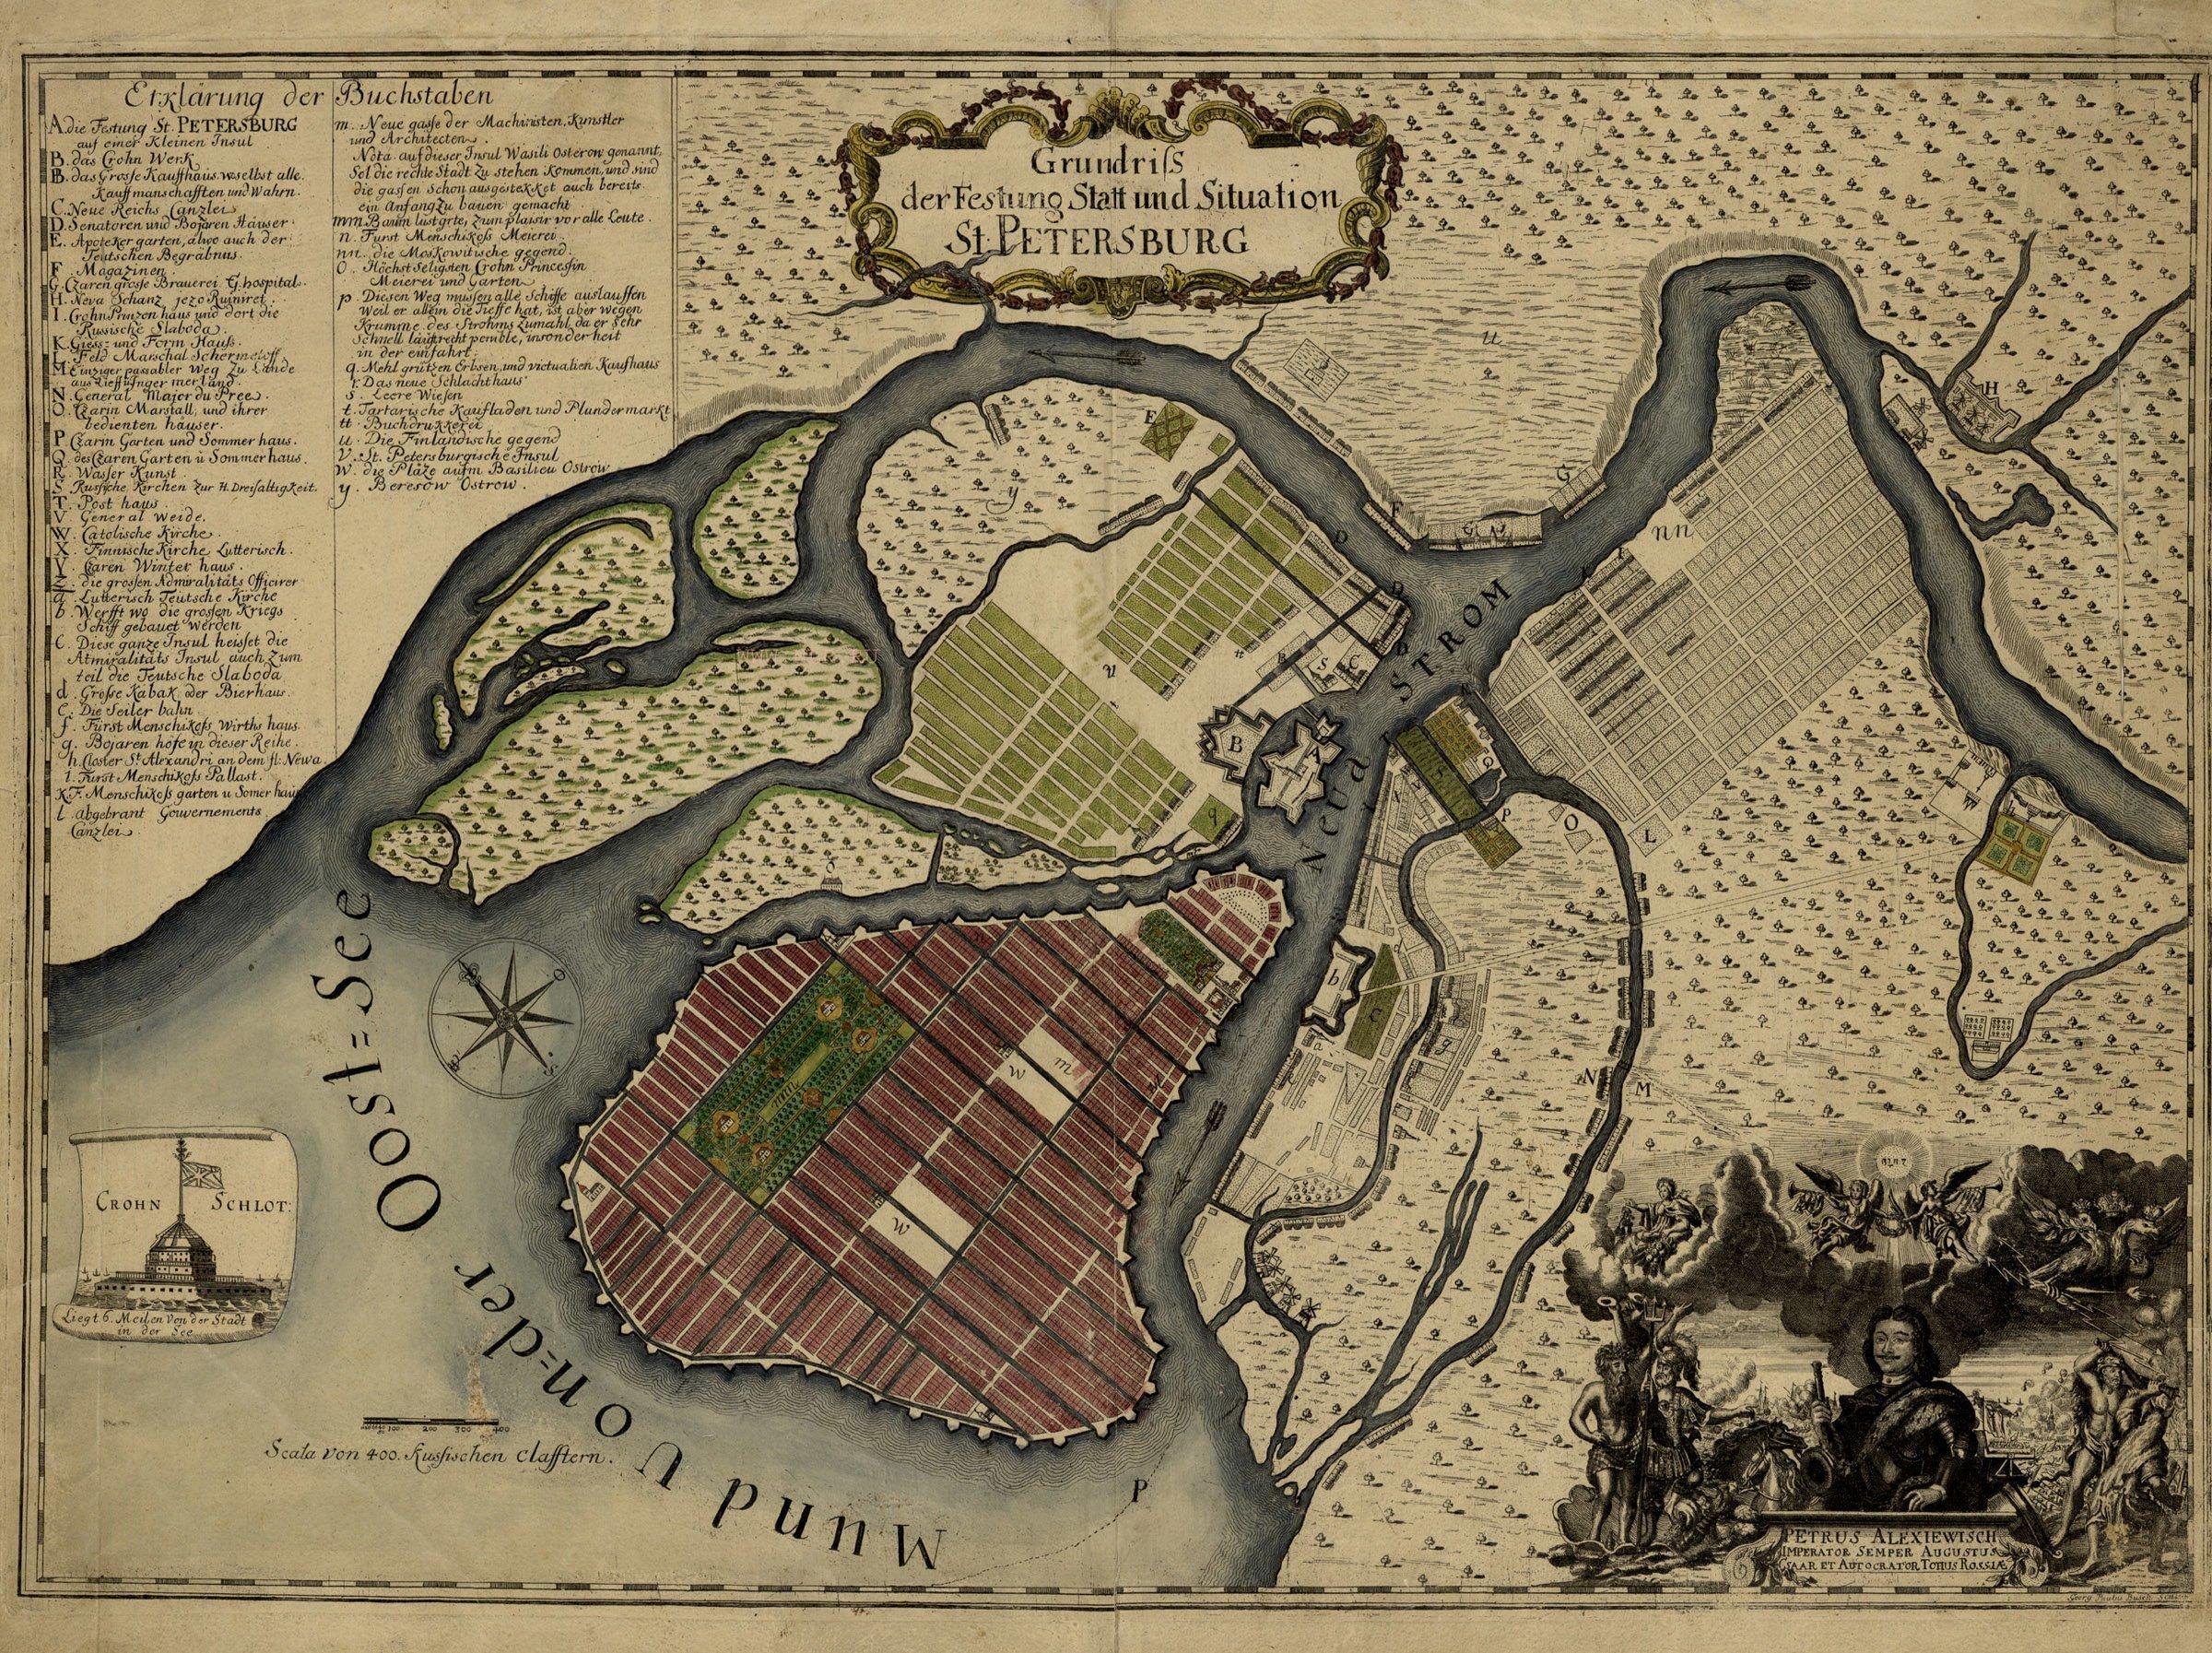 1717 год, карта выполнена берлинским гравером Паулем Бушем СПб, древние карты, карты, карты Питера, редкие карты, санкт-петербург